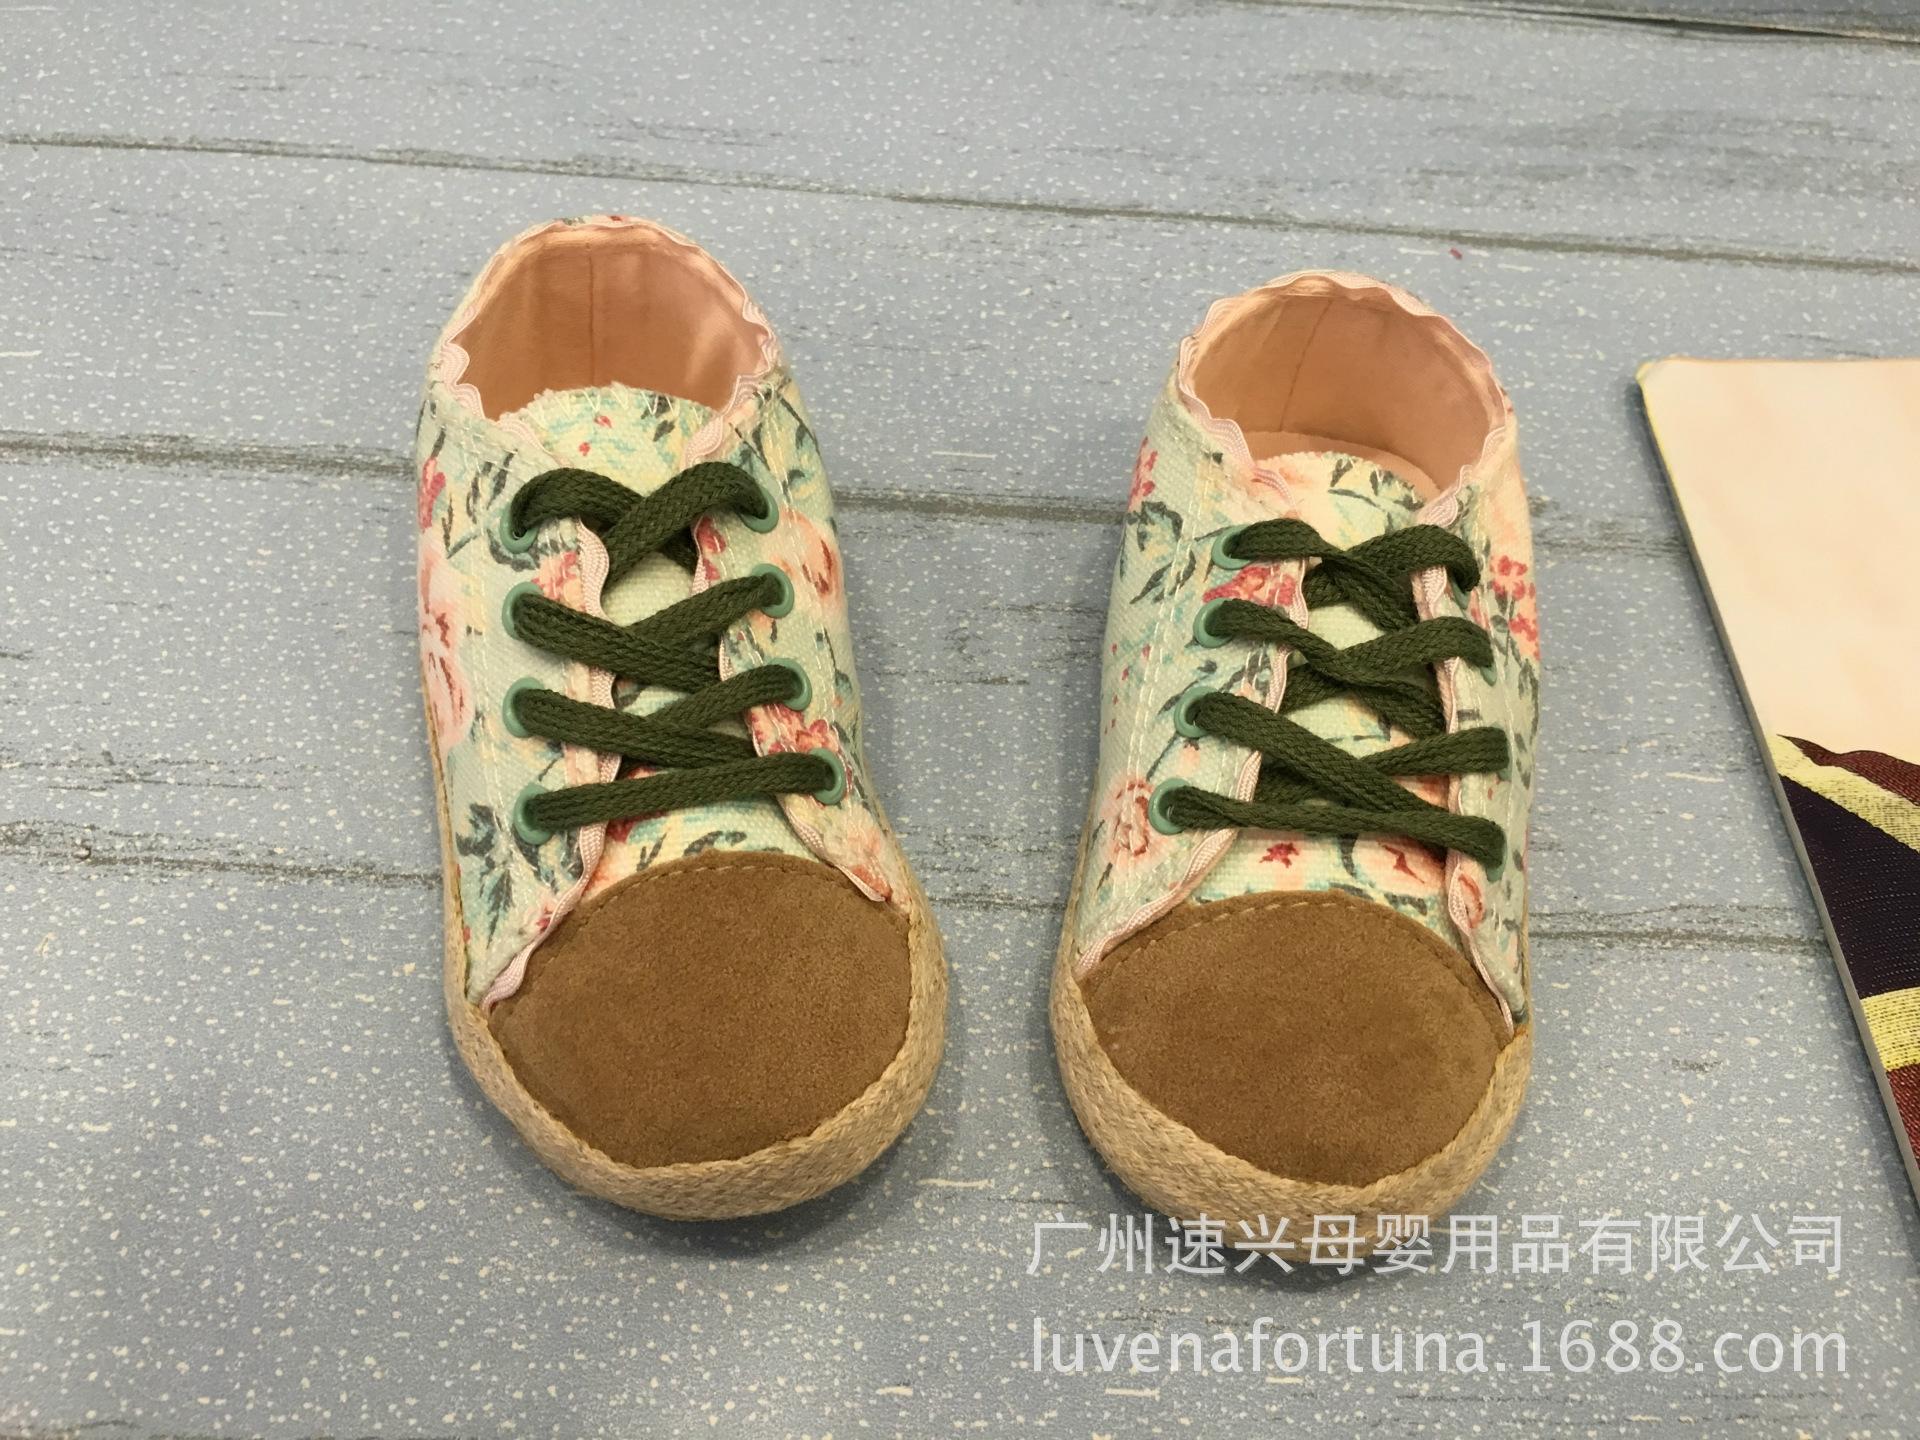 宝宝鞋鞋帮勾法图解